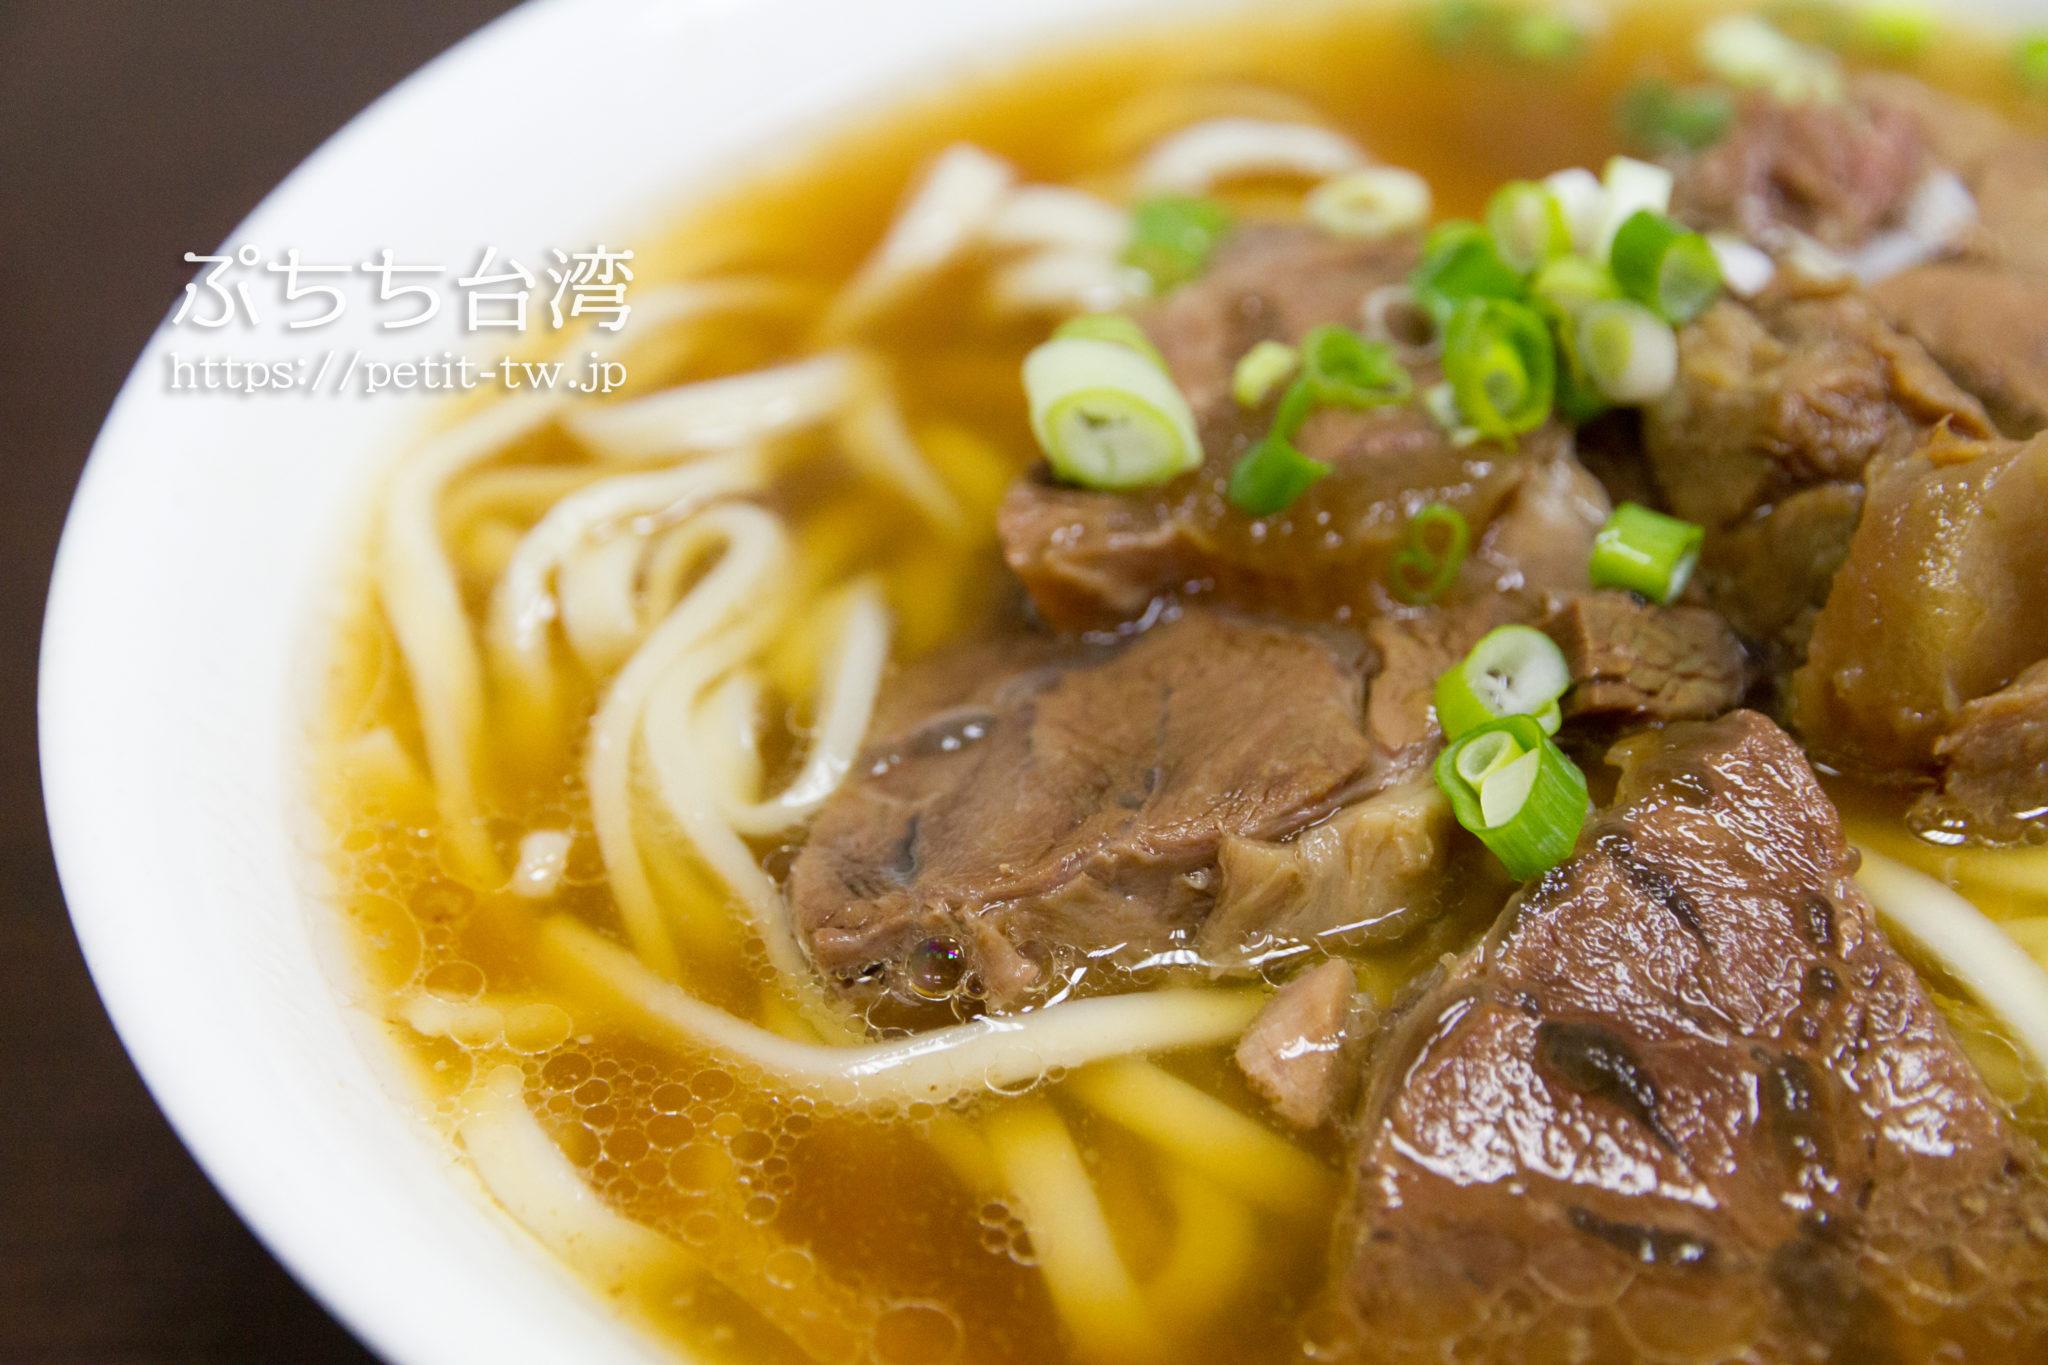 港園牛肉麺館の牛肉麺